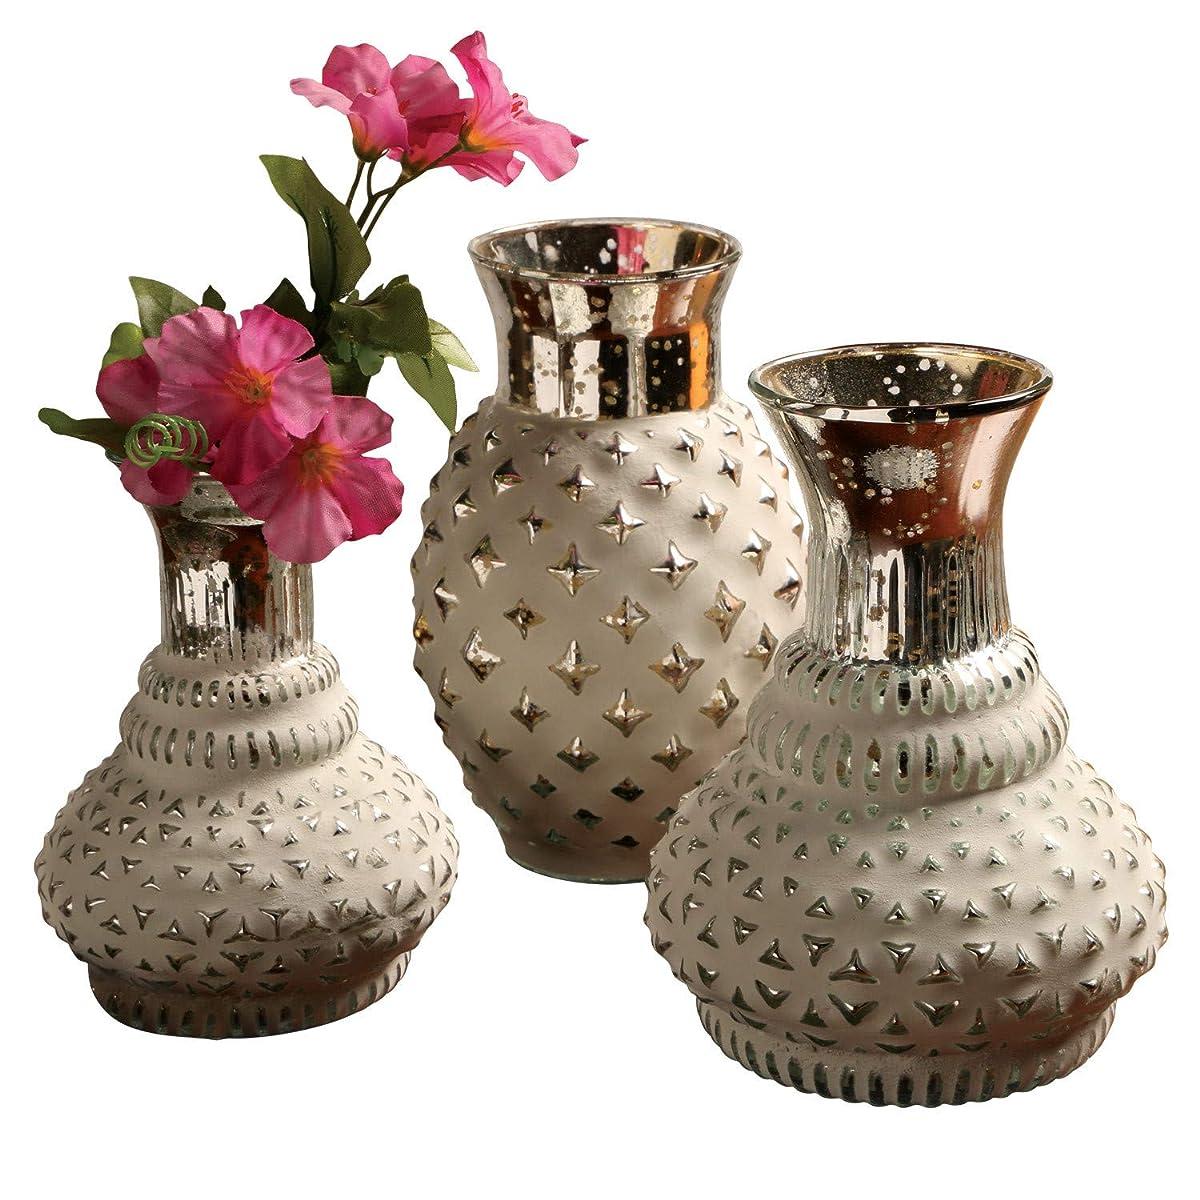 ART & ARTIFACT 3-Piece Bud Vases Set - Whitewashed Mercury Glass Hand Polished